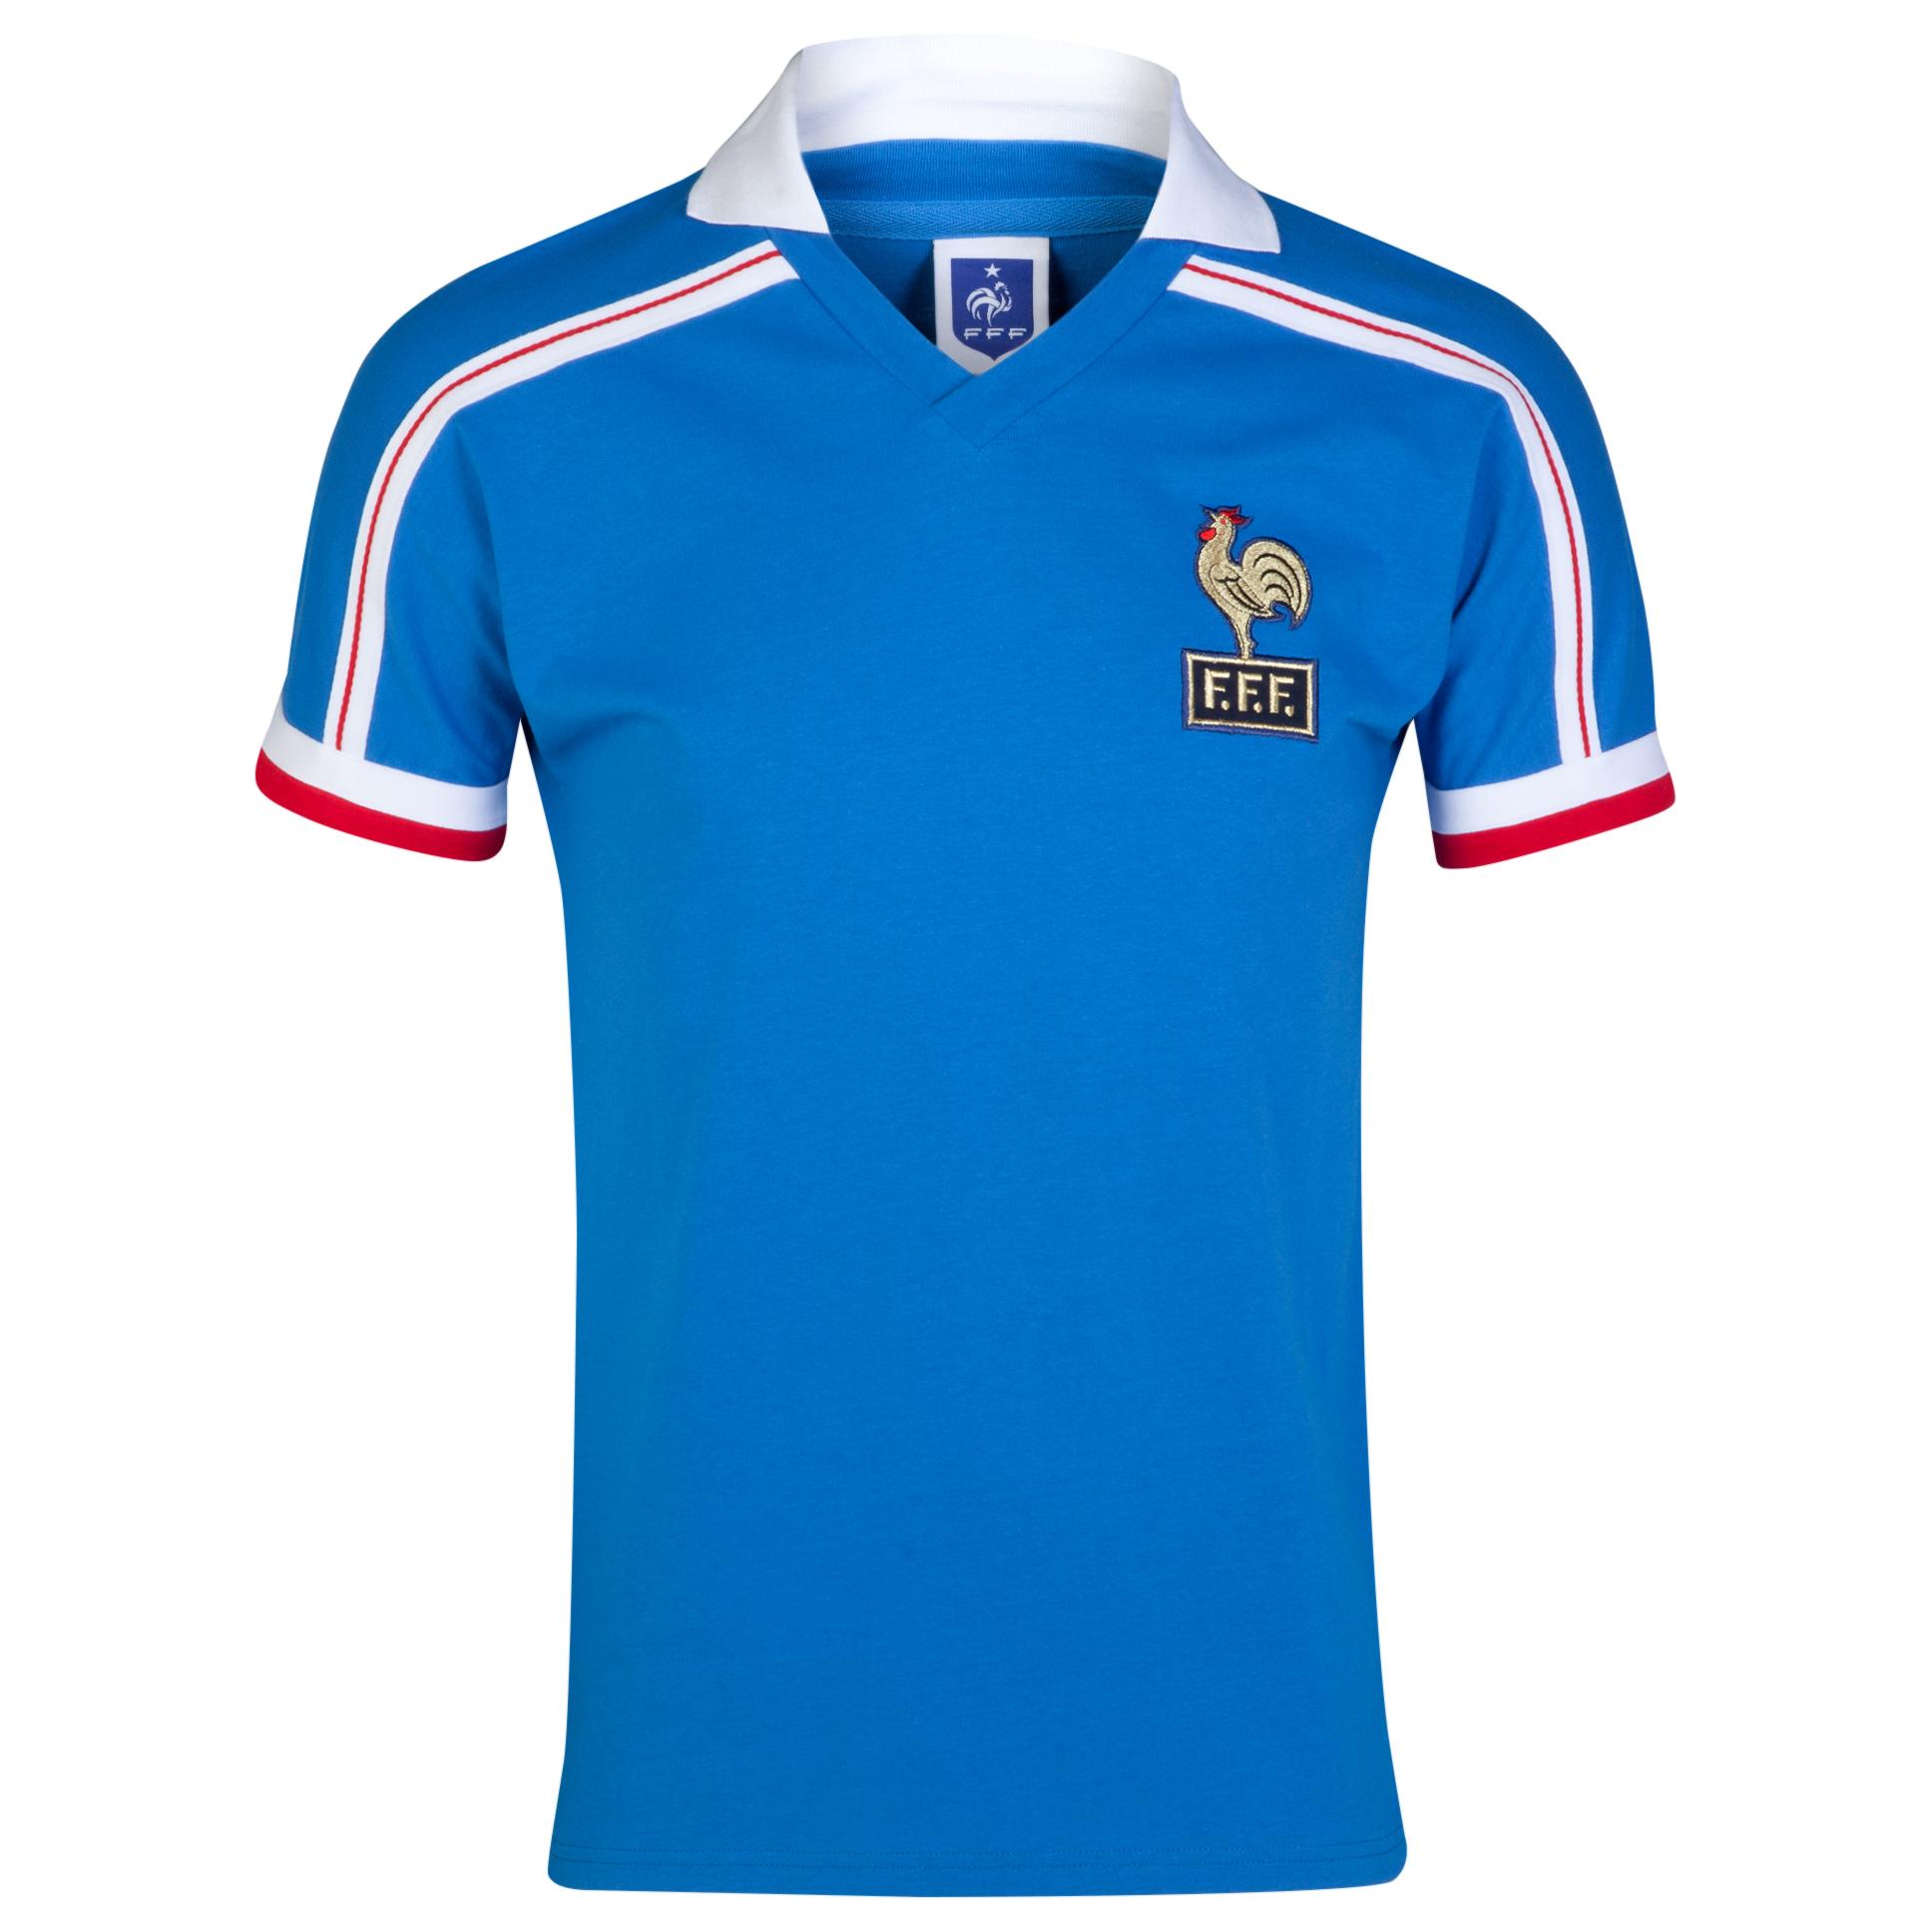 France 1986 World Cup Finals Shirt